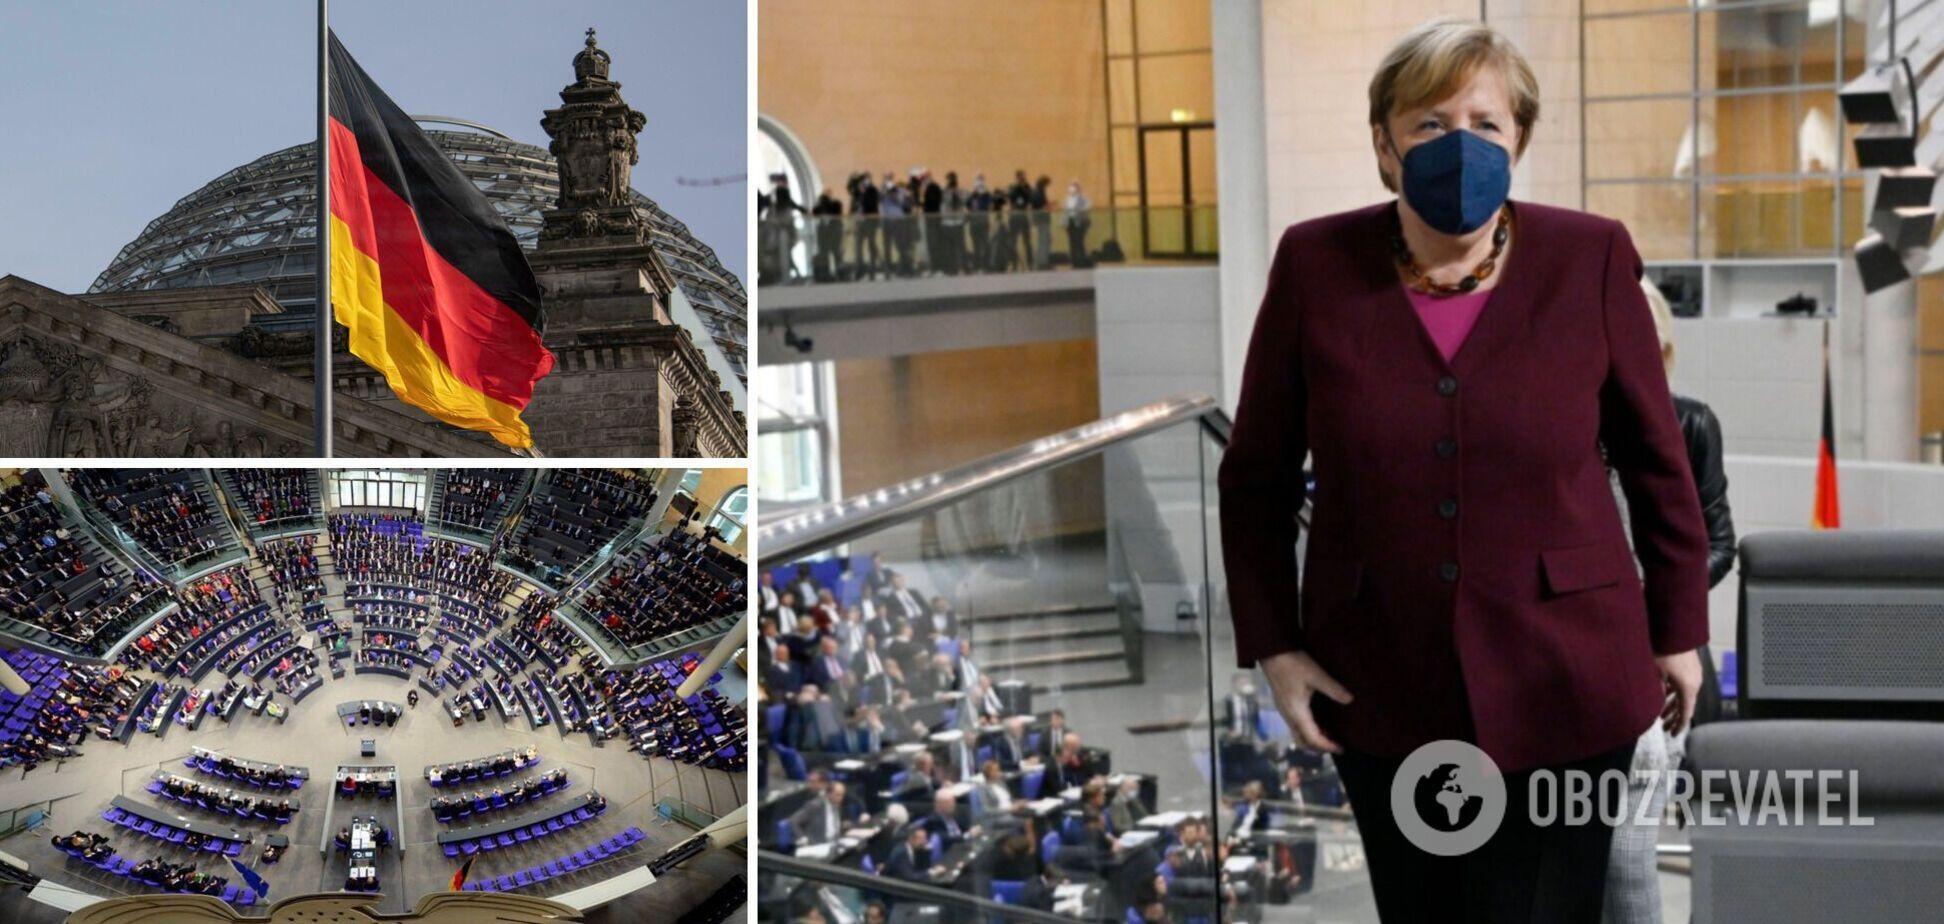 Эпоха Меркель закончилась: в Германии официально приняли отставку фрау канцлерин. Видео